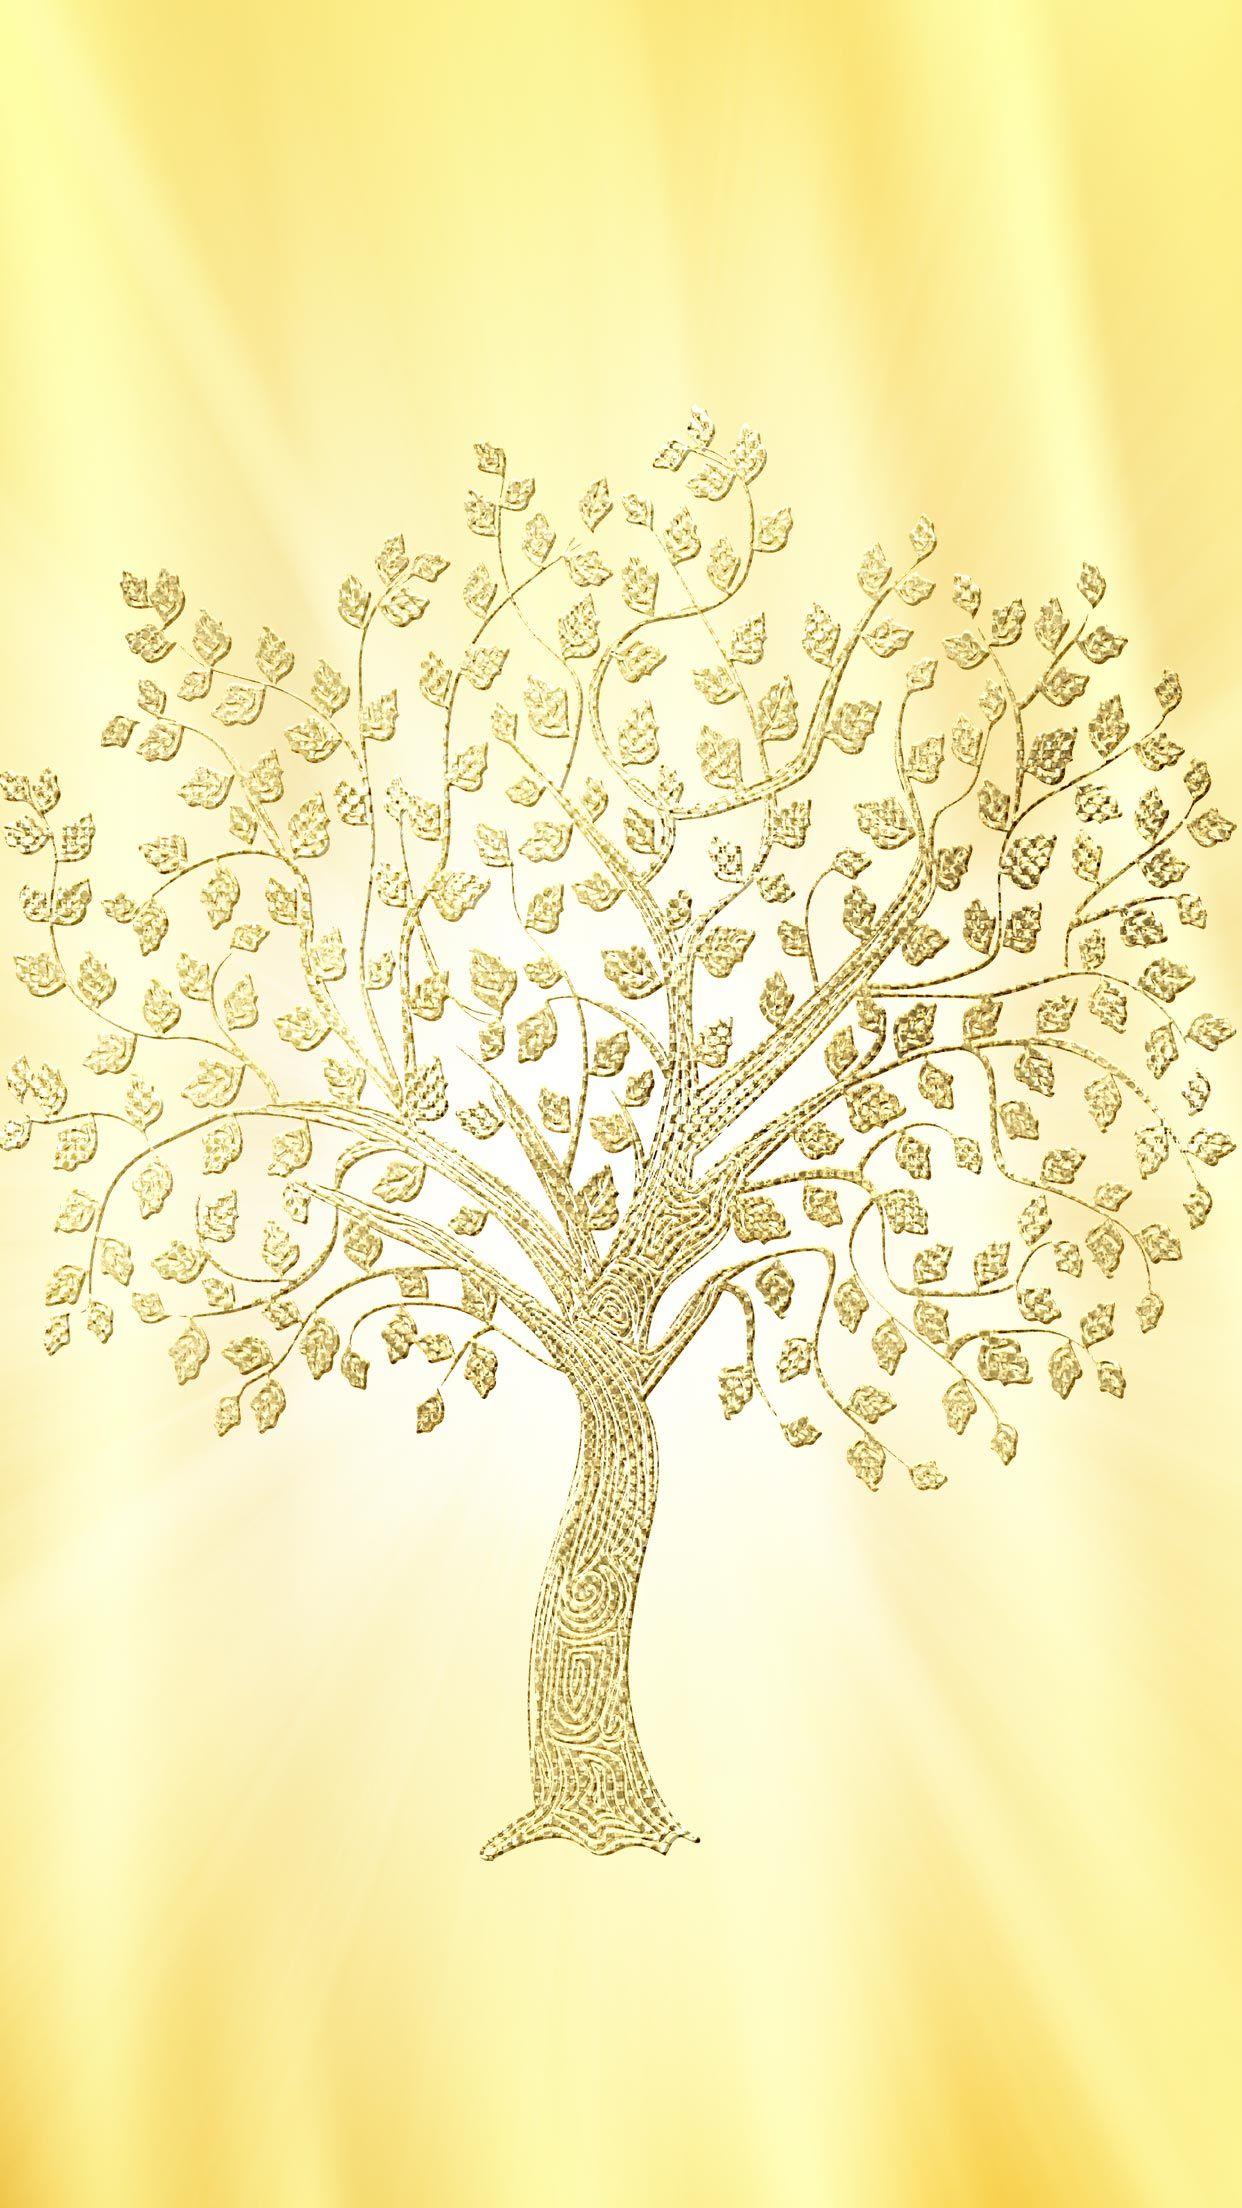 年後半 最強開運 強運画像 運気が上がるゴールデンツリーのおまじない画像 スマホ ラインの背景画像 壁紙 恋のおまじない 願いが叶うおまじない 魔術 占い 潜在意識 画像 壁紙 ゴールドの壁紙 金色 壁紙